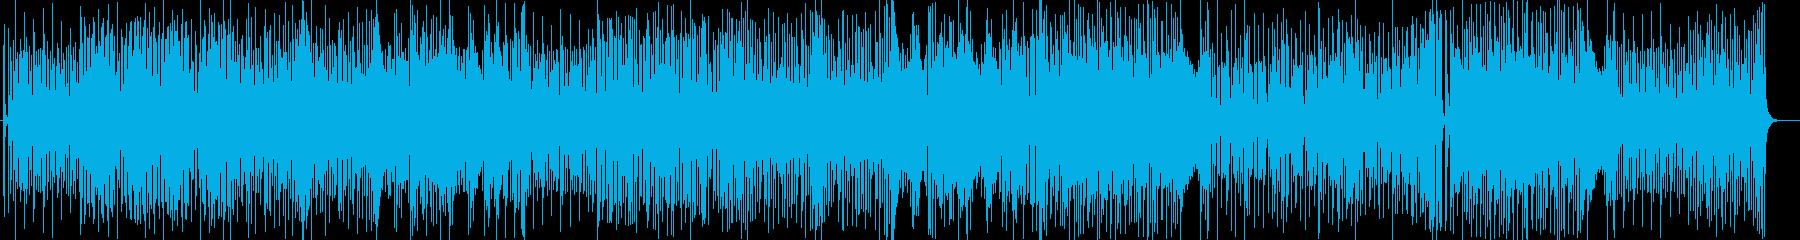 ダンスショー風ギターシンセサイザー曲の再生済みの波形